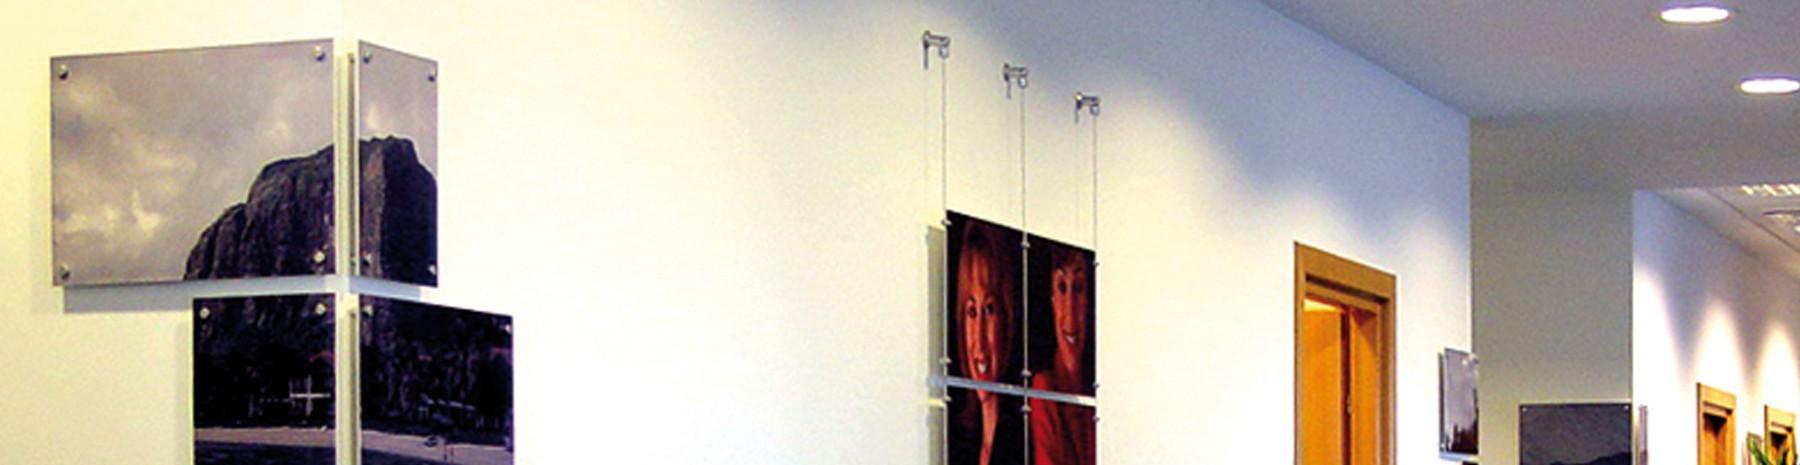 Colonne porte-affiche plexiglas pour votre affichage